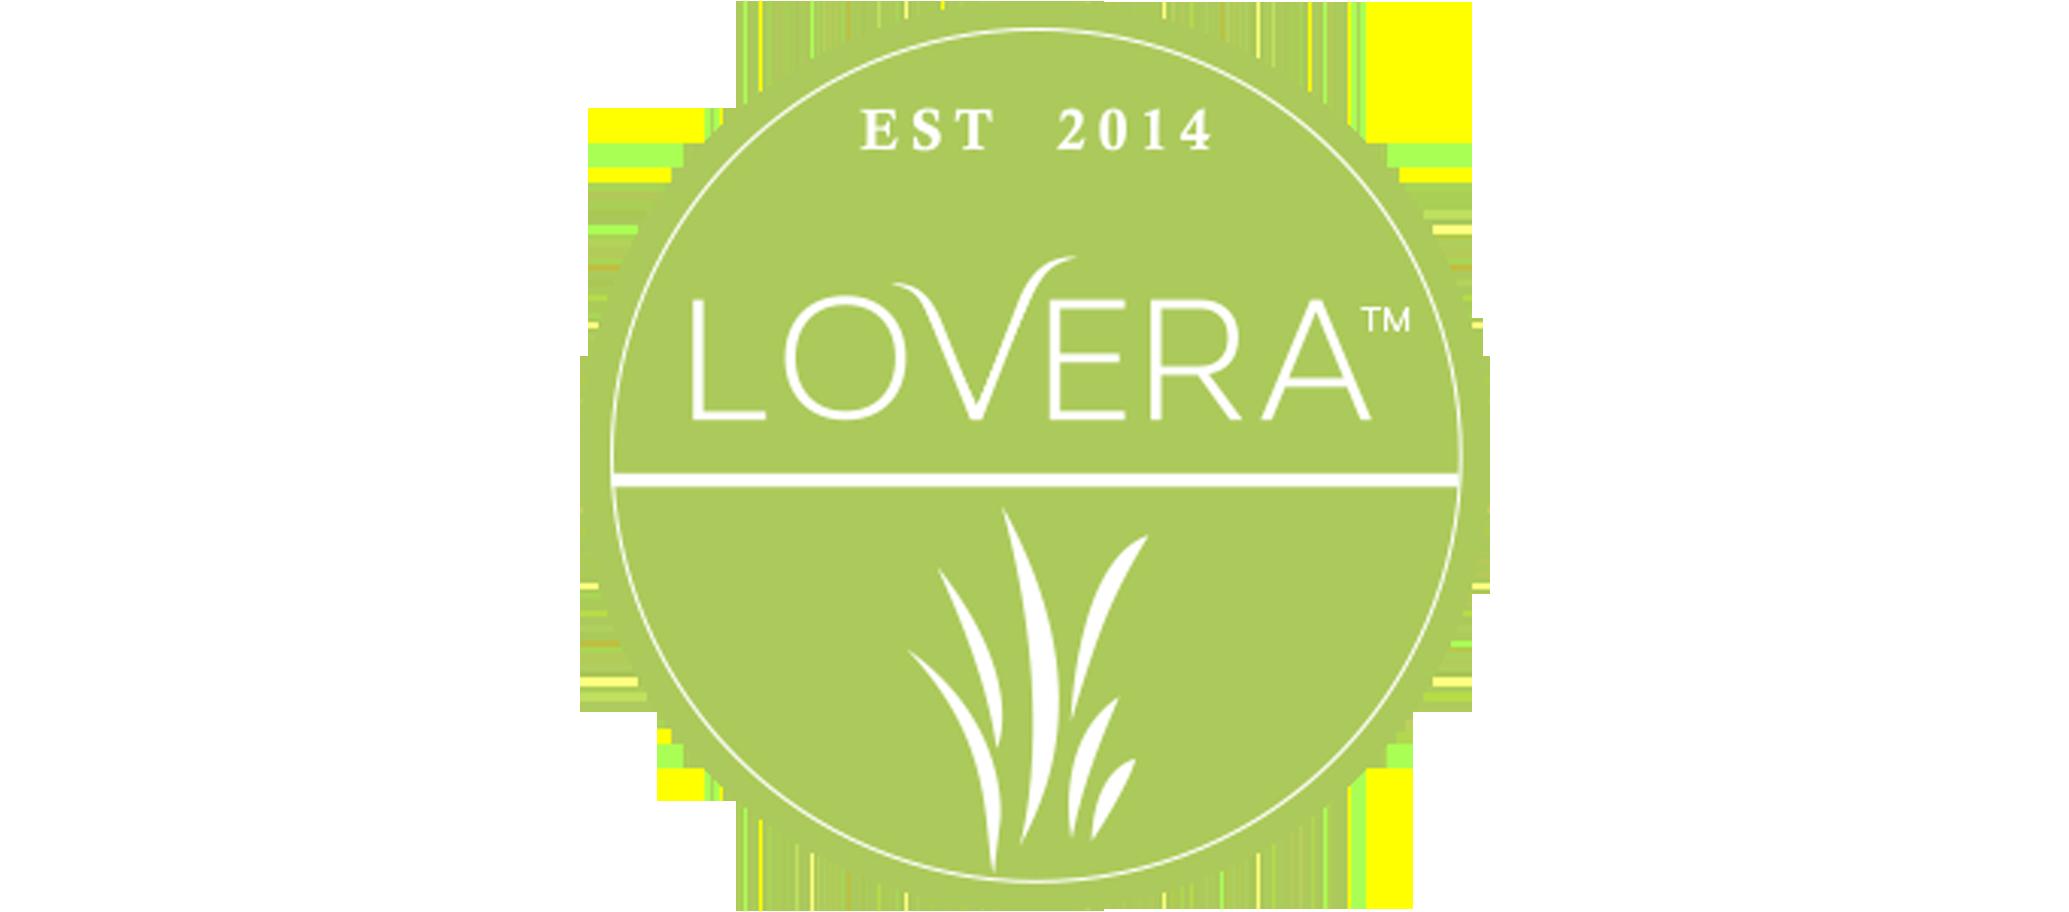 Lovera